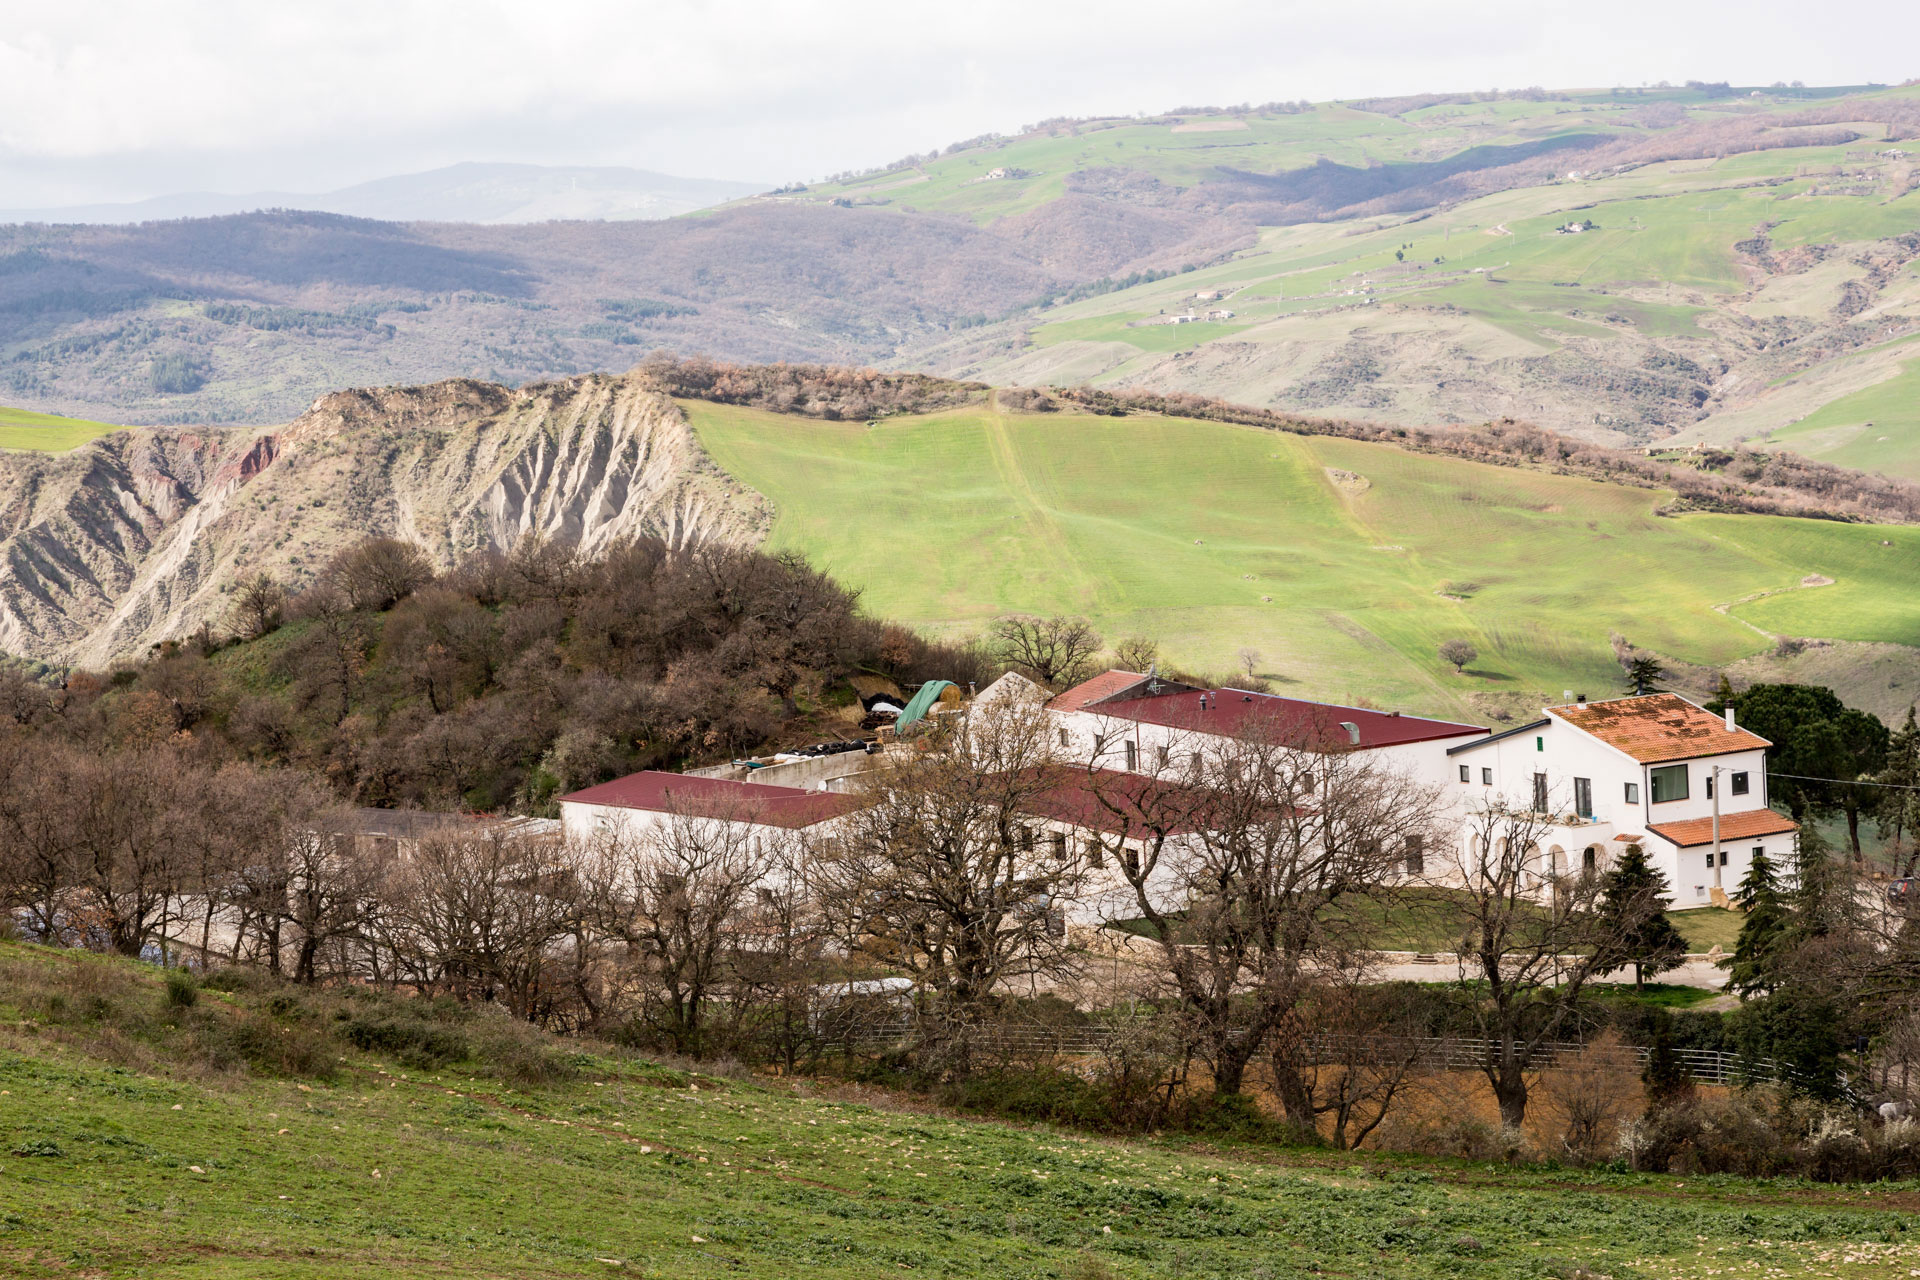 Masseria Straziuso - L'azienda vista dall'alto